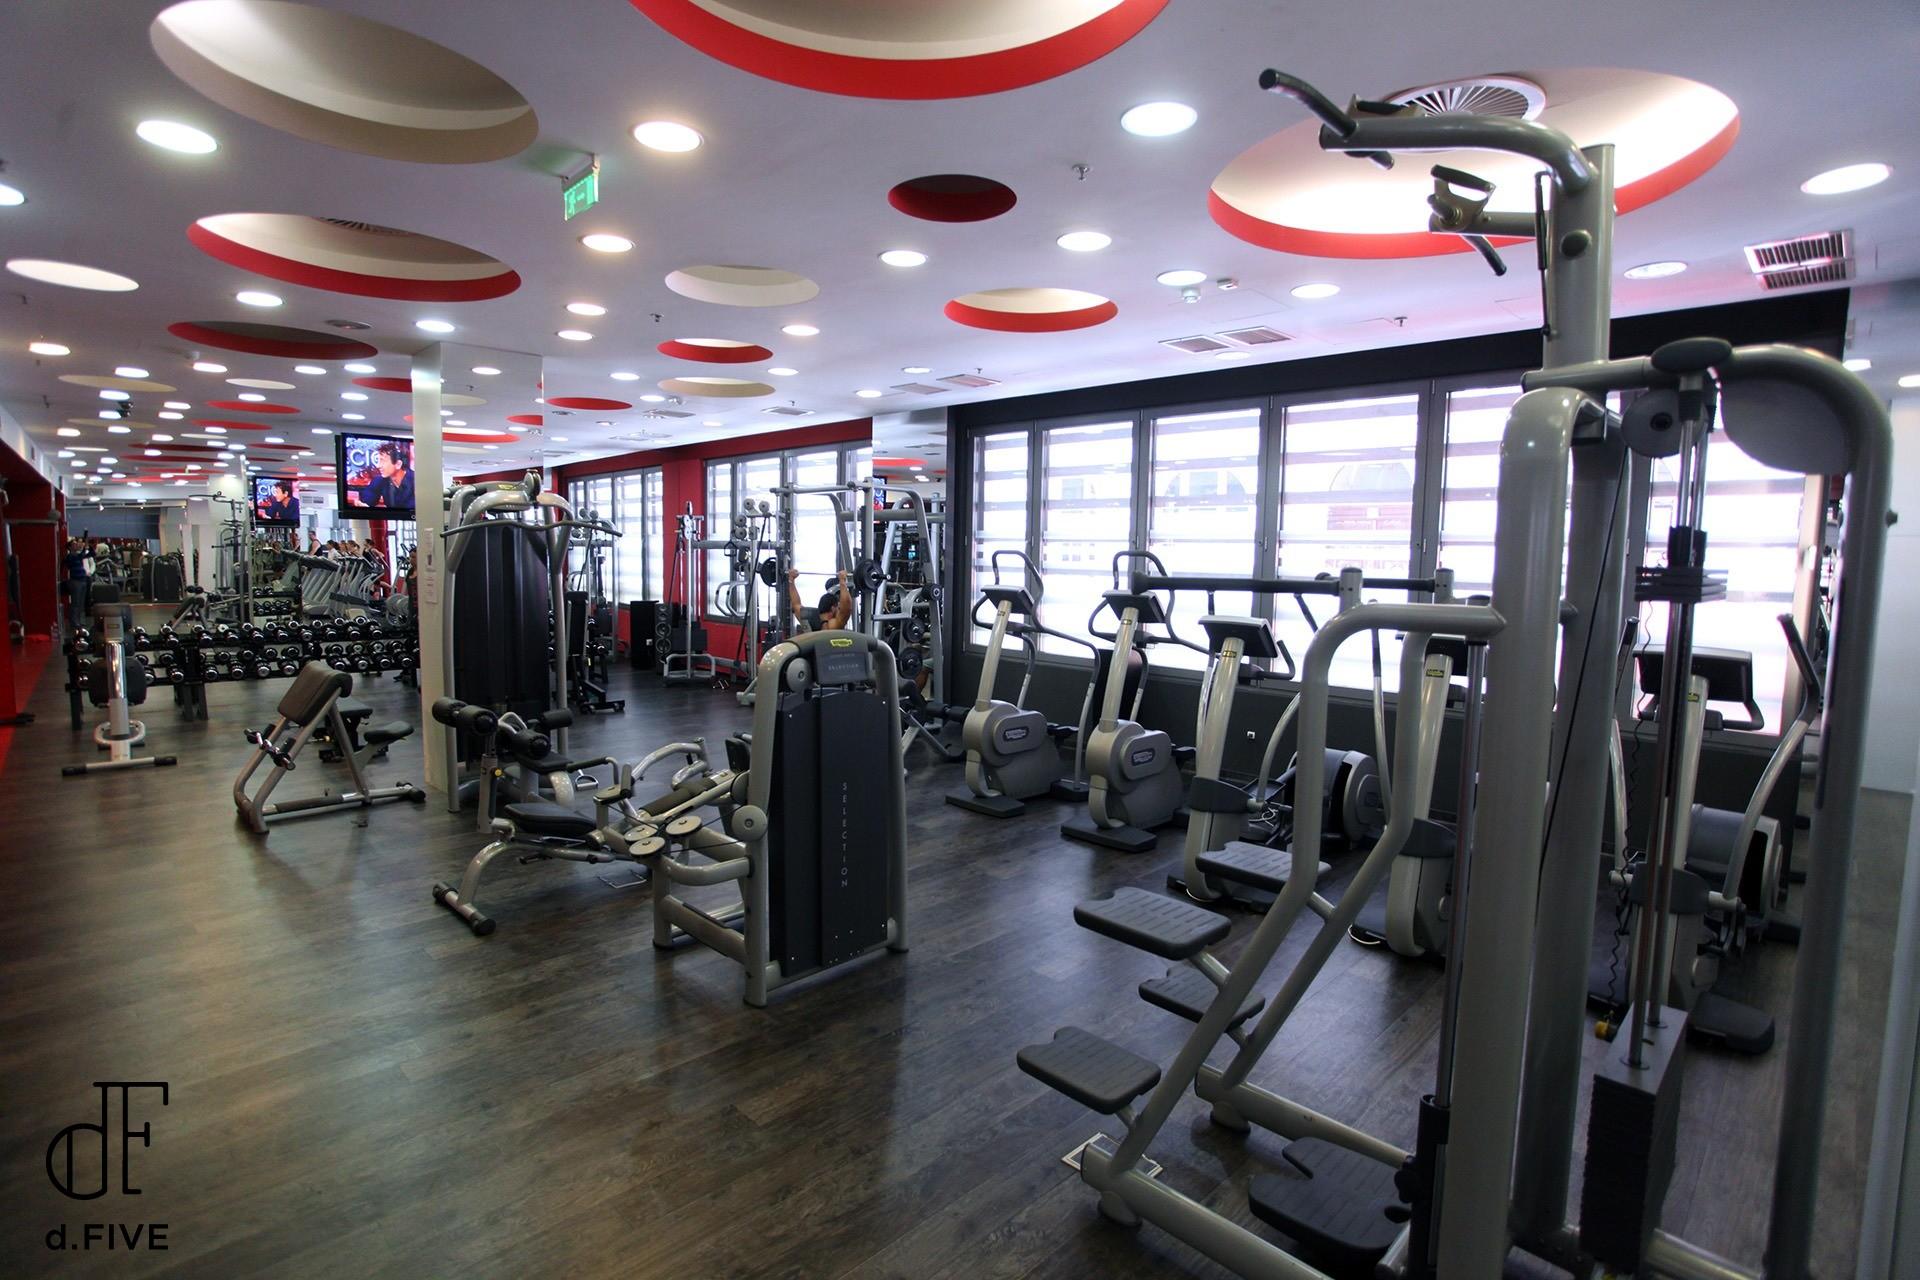 d.FIVE Modern Wellness Studio